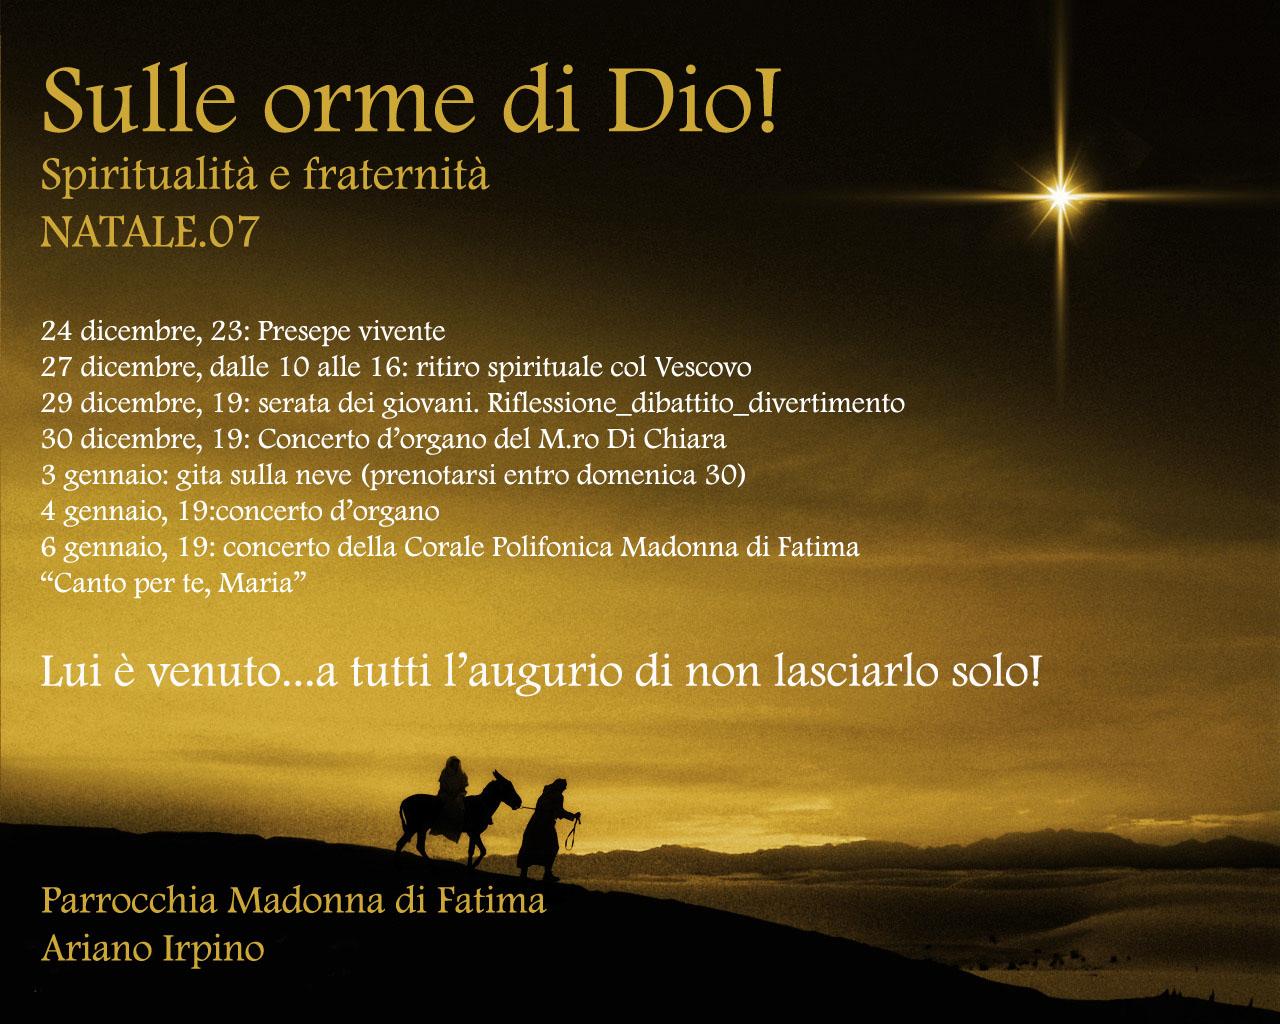 Auguri Di Buon Natale Spirituali.Auguri Di Natale Spirituali Sanzoni Di Natale